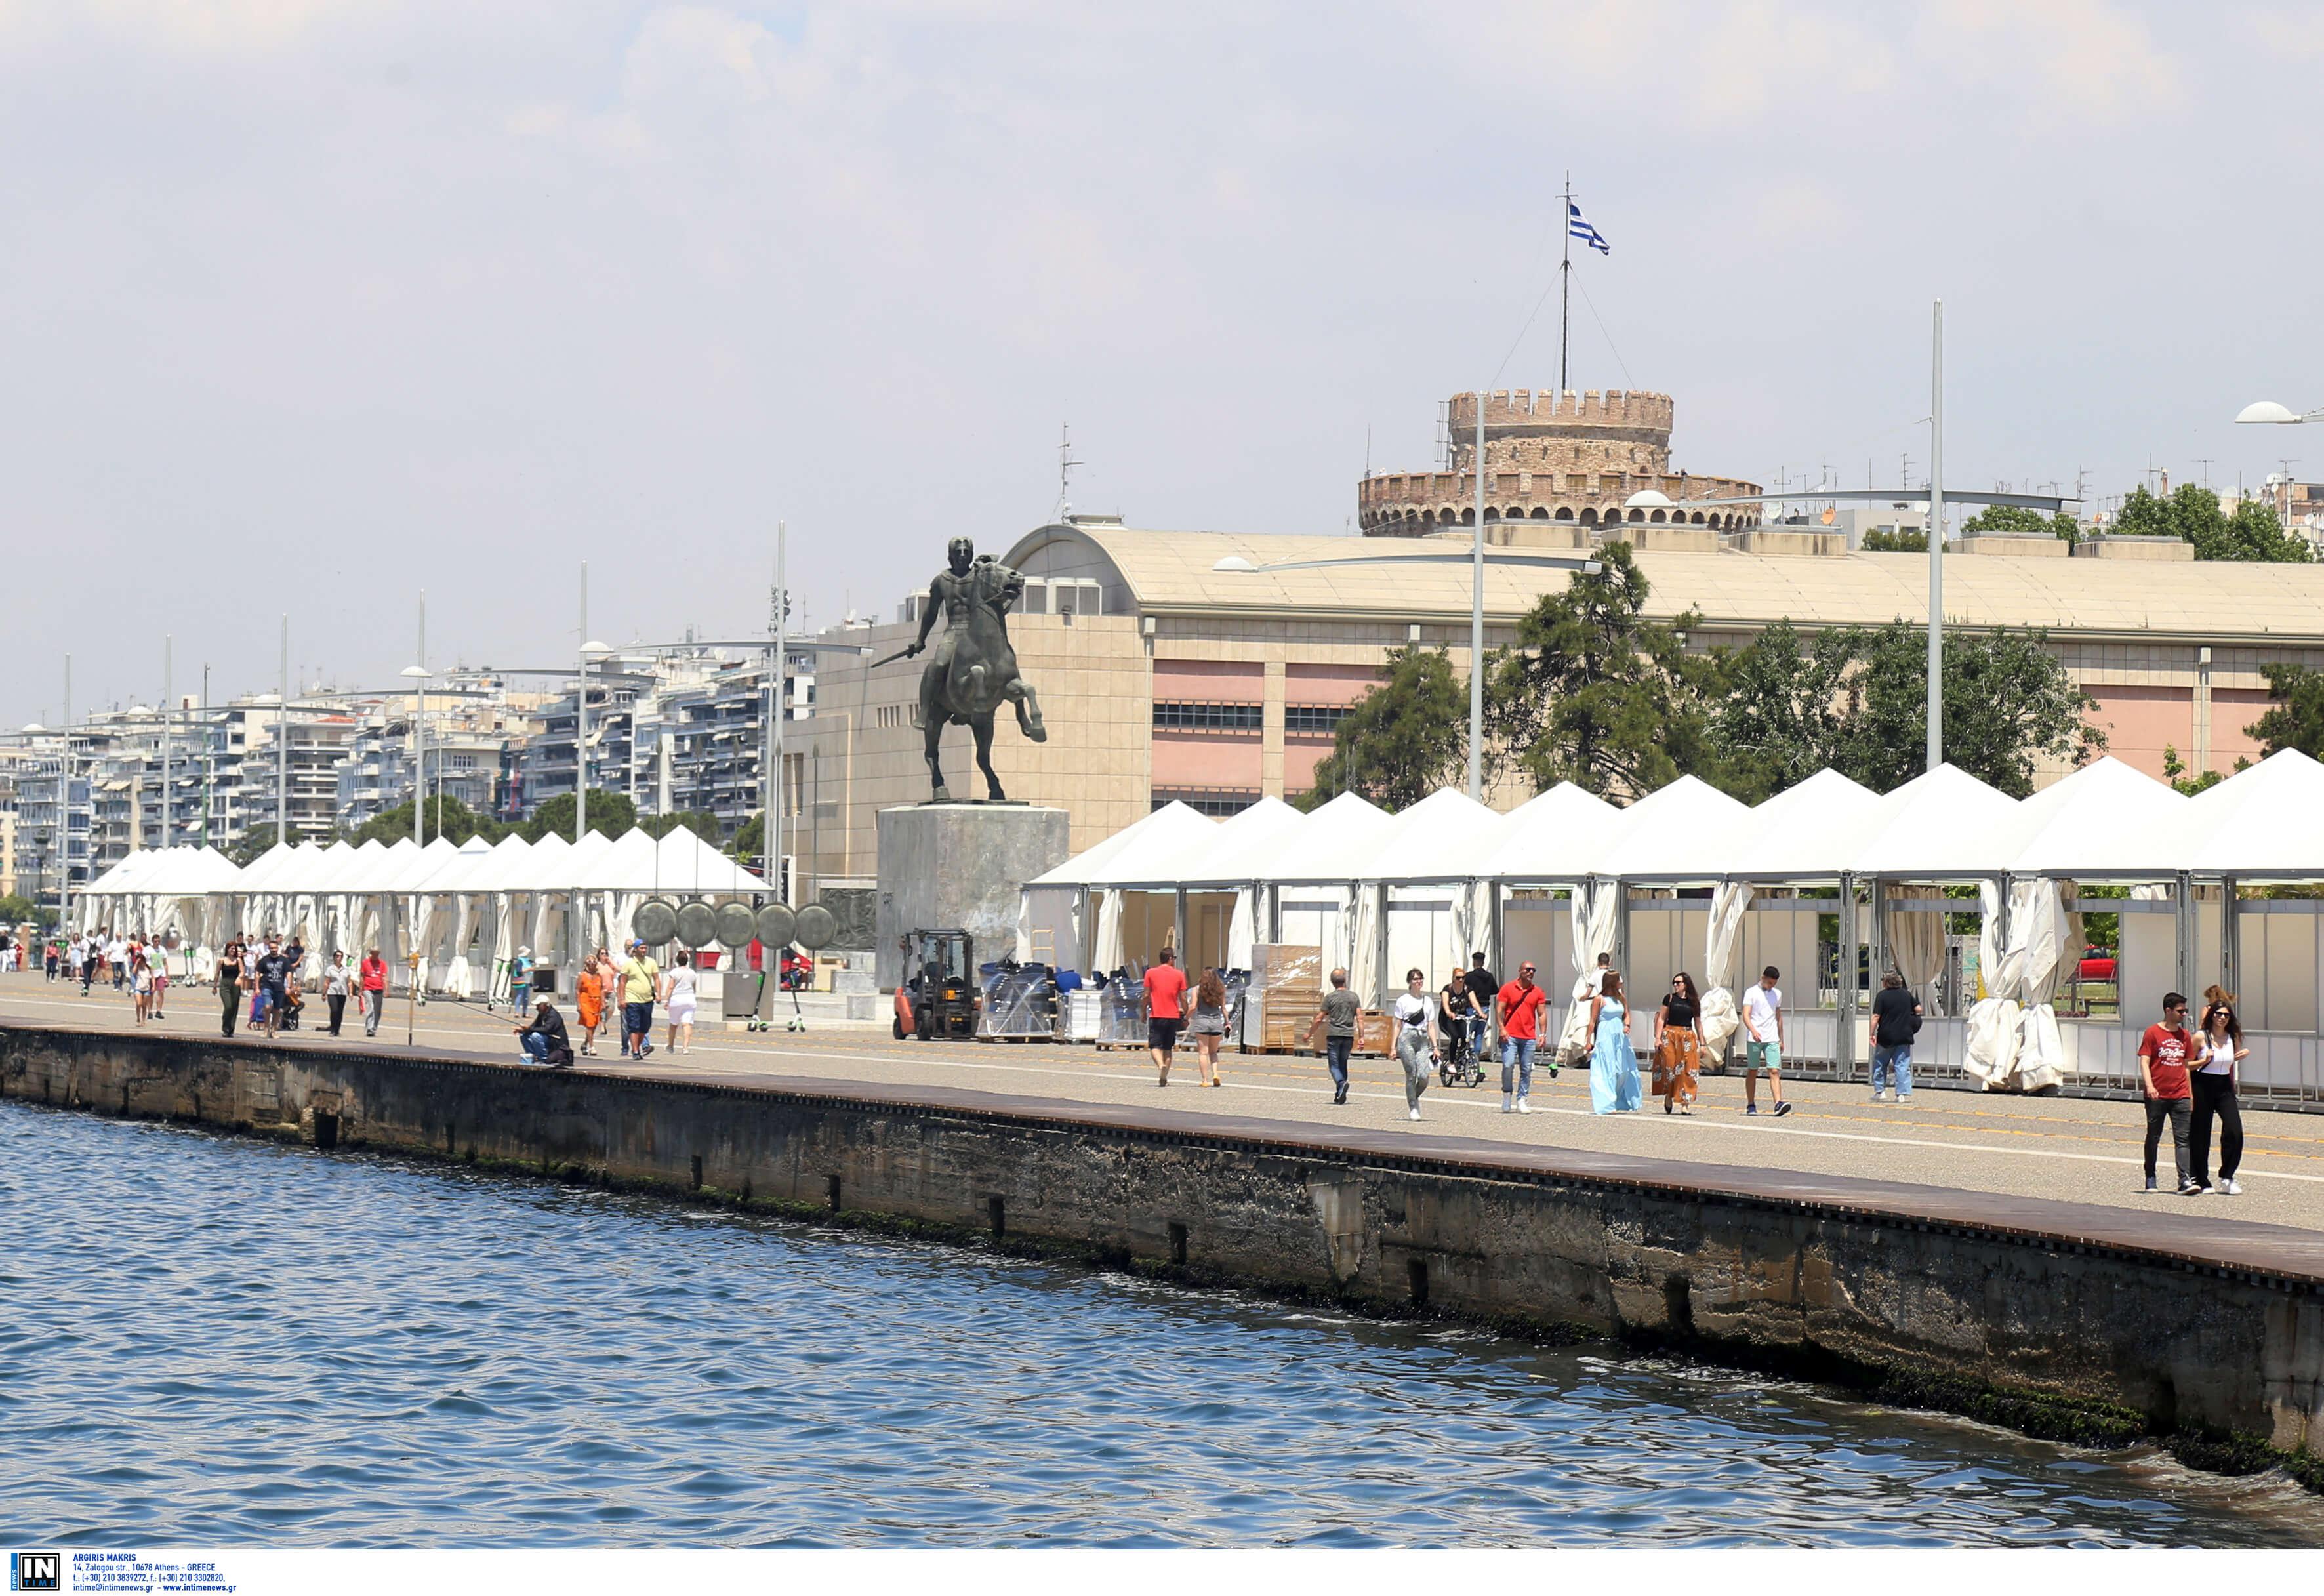 Αρχίζει το 38ο Φεστιβάλ Βιβλίου Θεσσαλονίκης